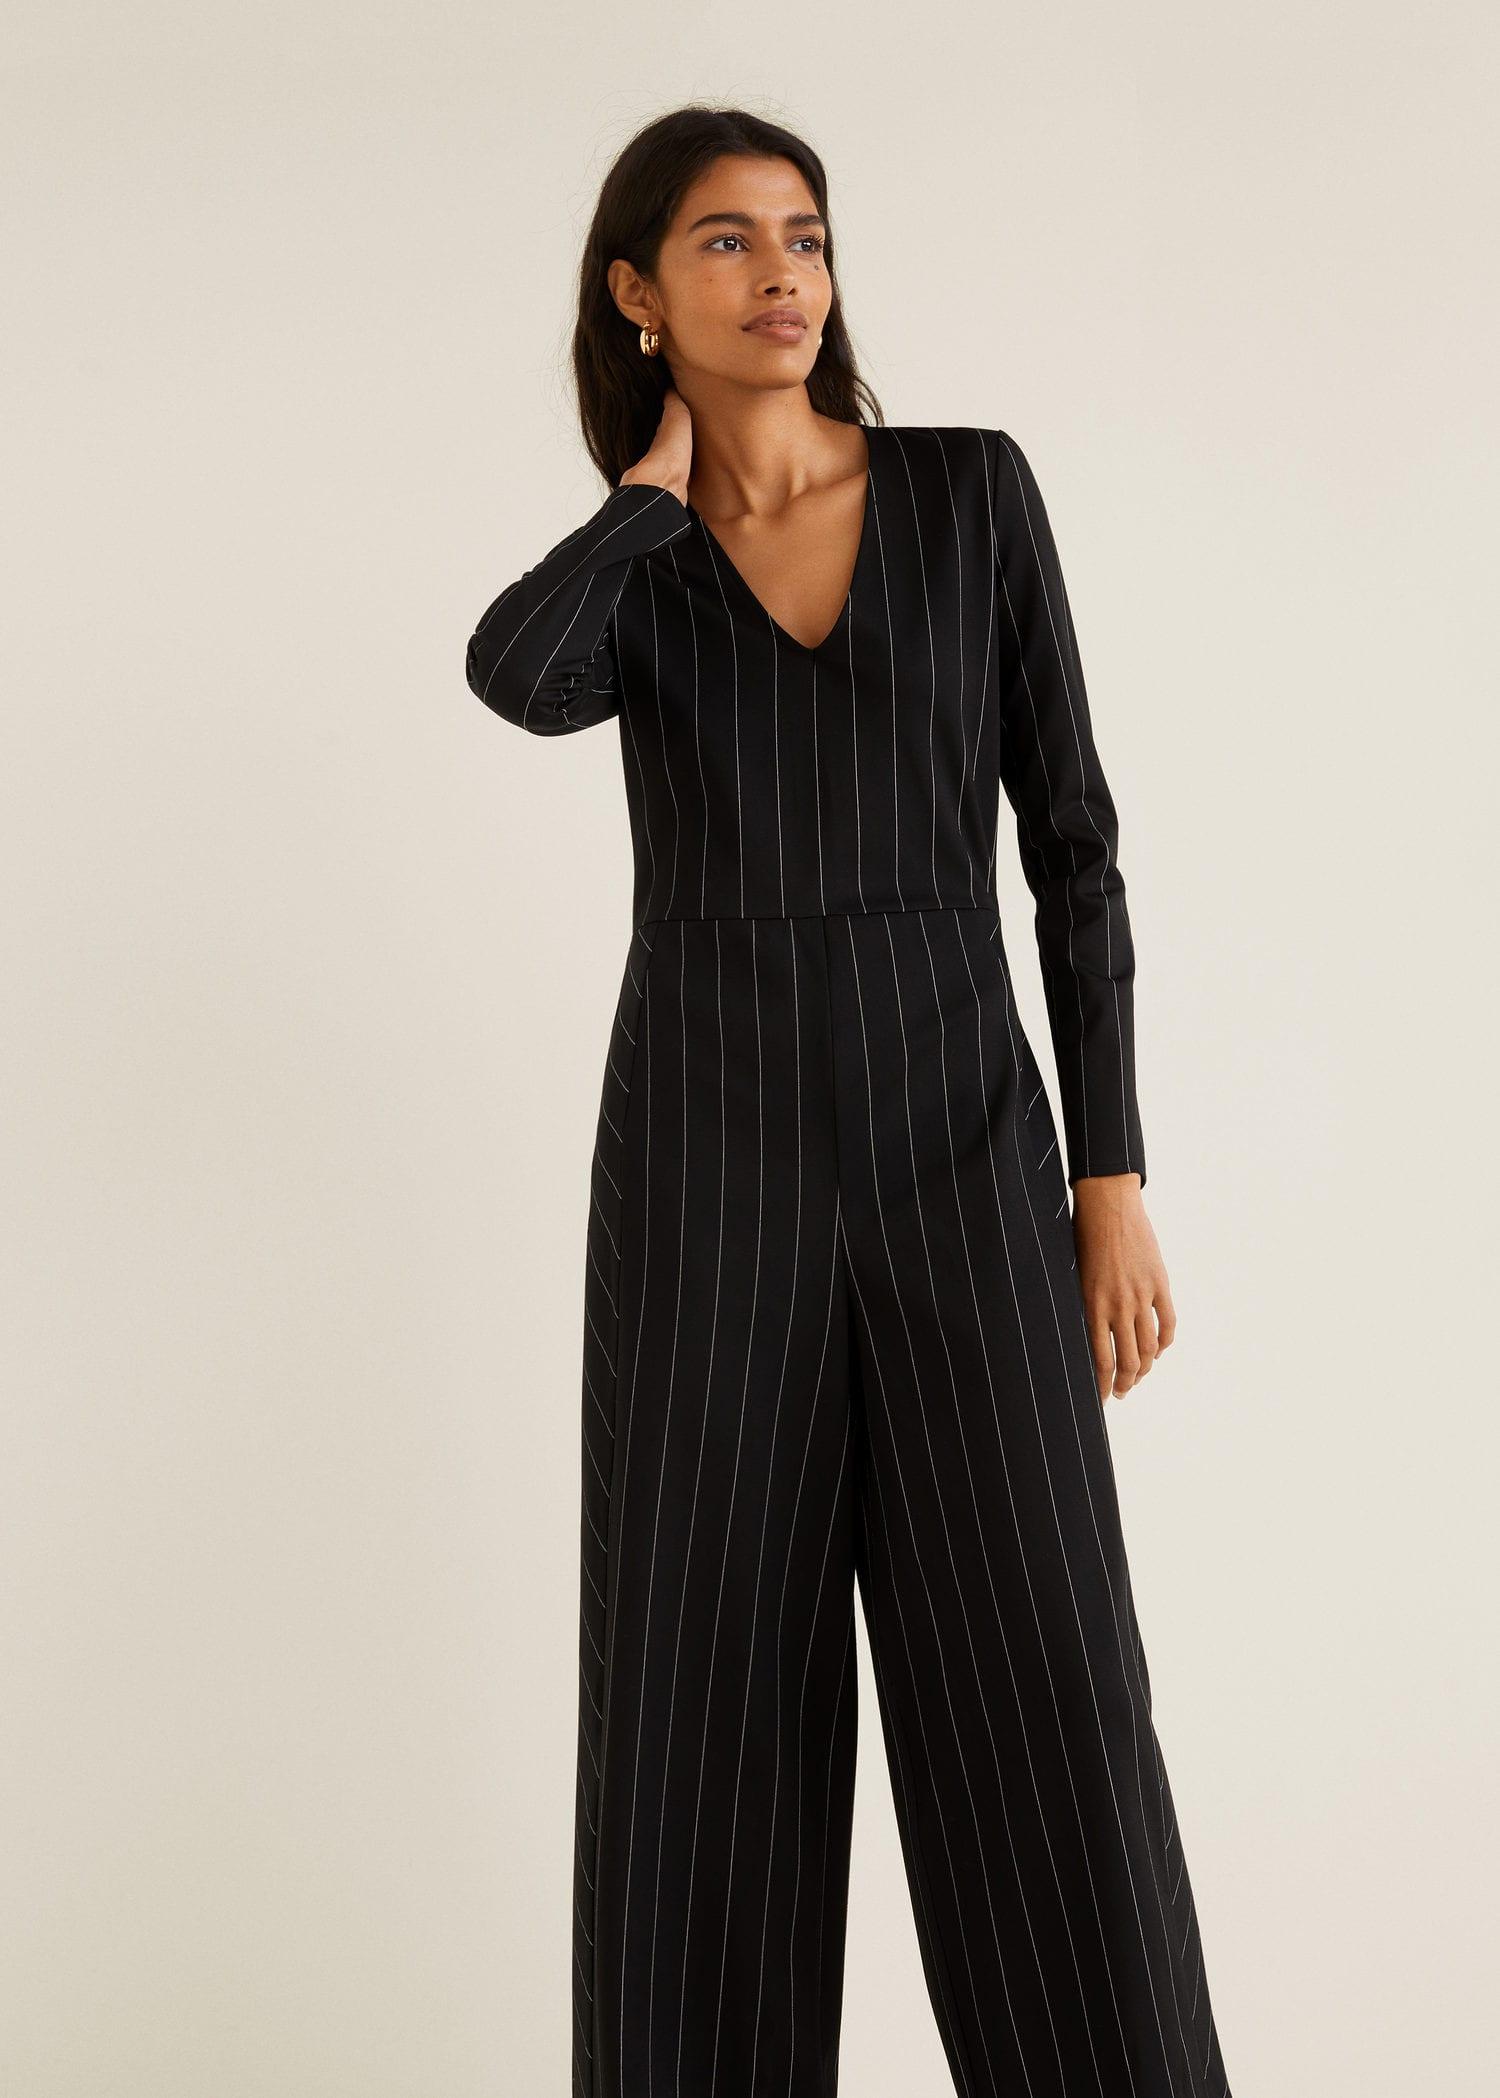 Femme Pantalon France Combinaison Réunion Rayures Mango À la BHxB1nt